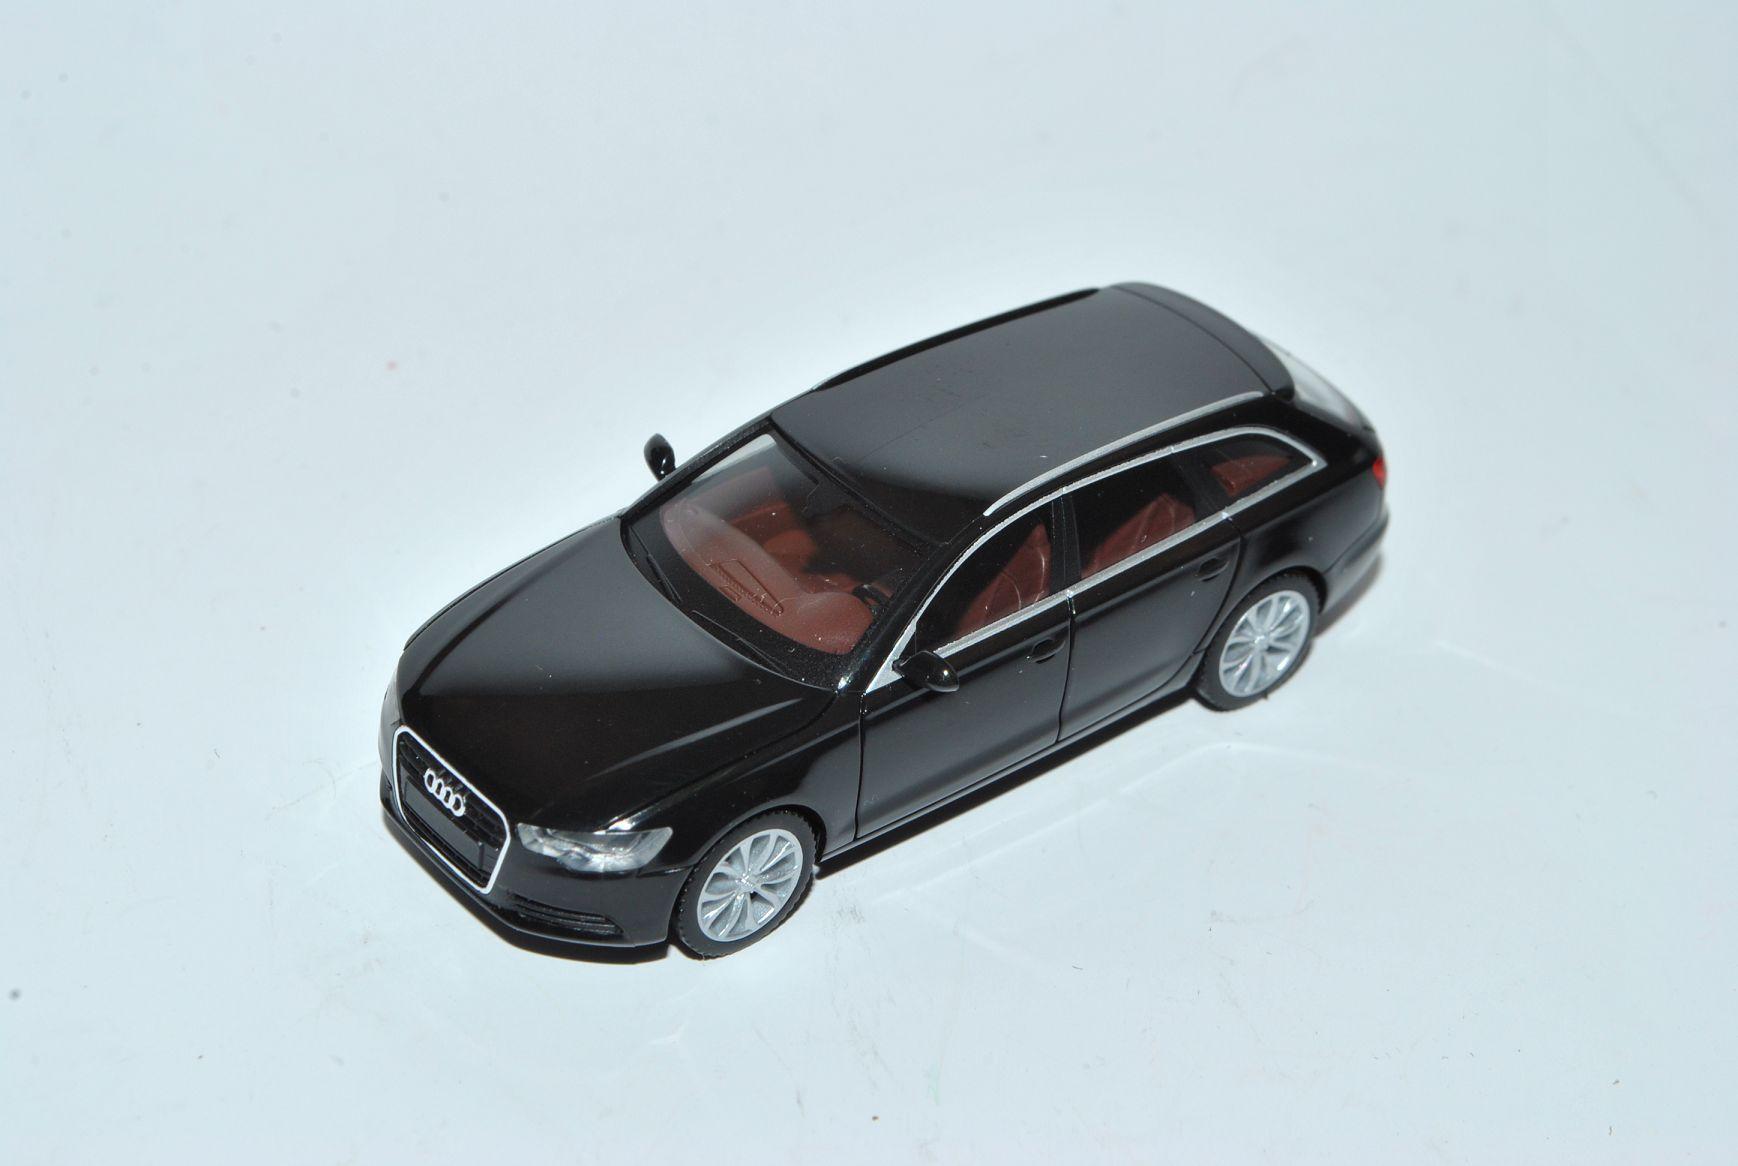 Audi A6 C7 Avant Kombi Schwarz Ab 2011 H0 1//87 Herpa Modell Auto mit oder ohne..